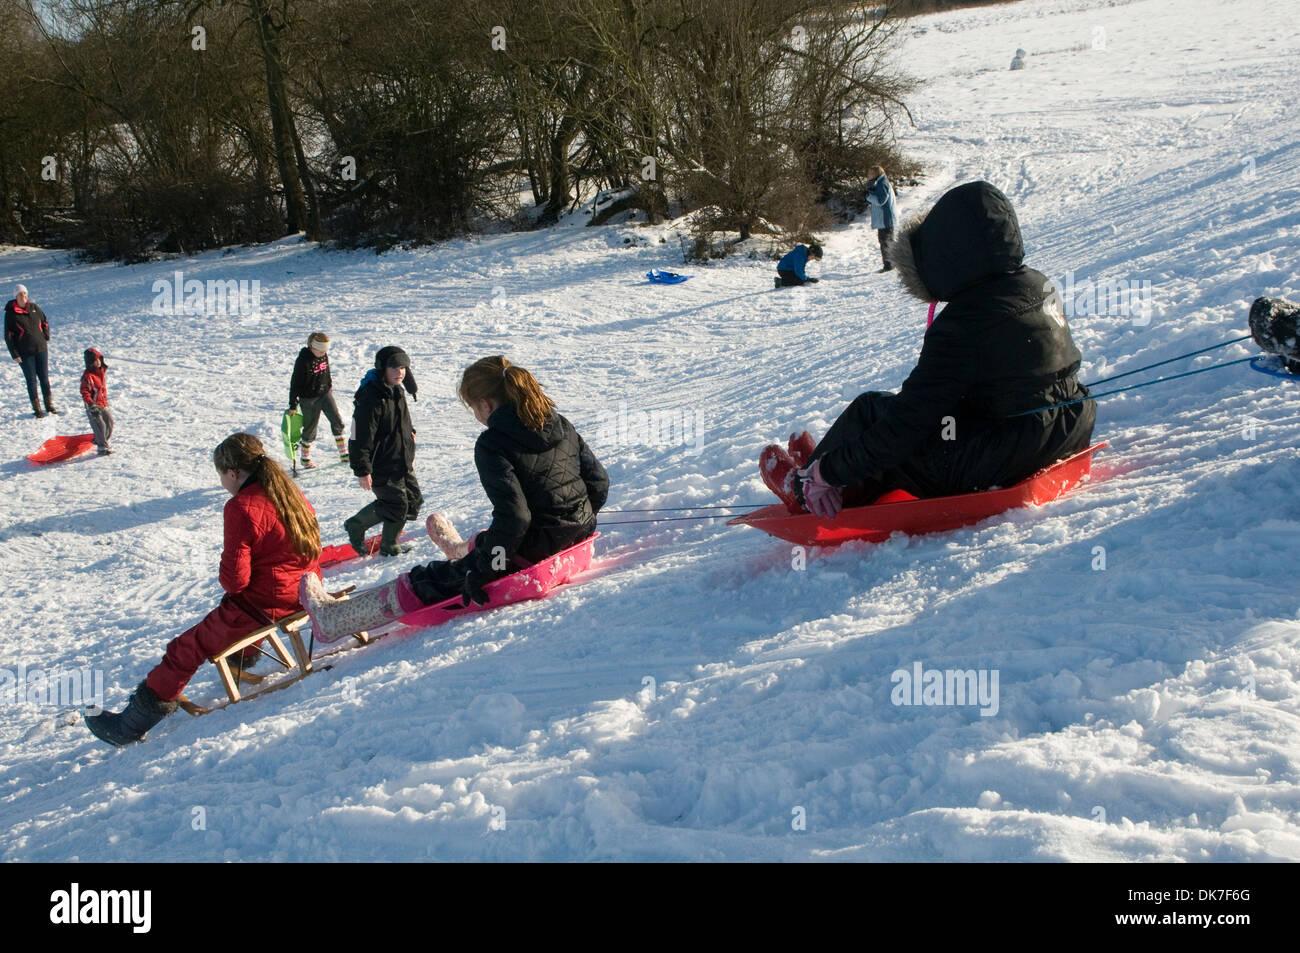 La luge uk-luges traîneaux personnes enfants jouant dans la glissière temps froid l'hiver froid neige gelée automne falls Photo Stock